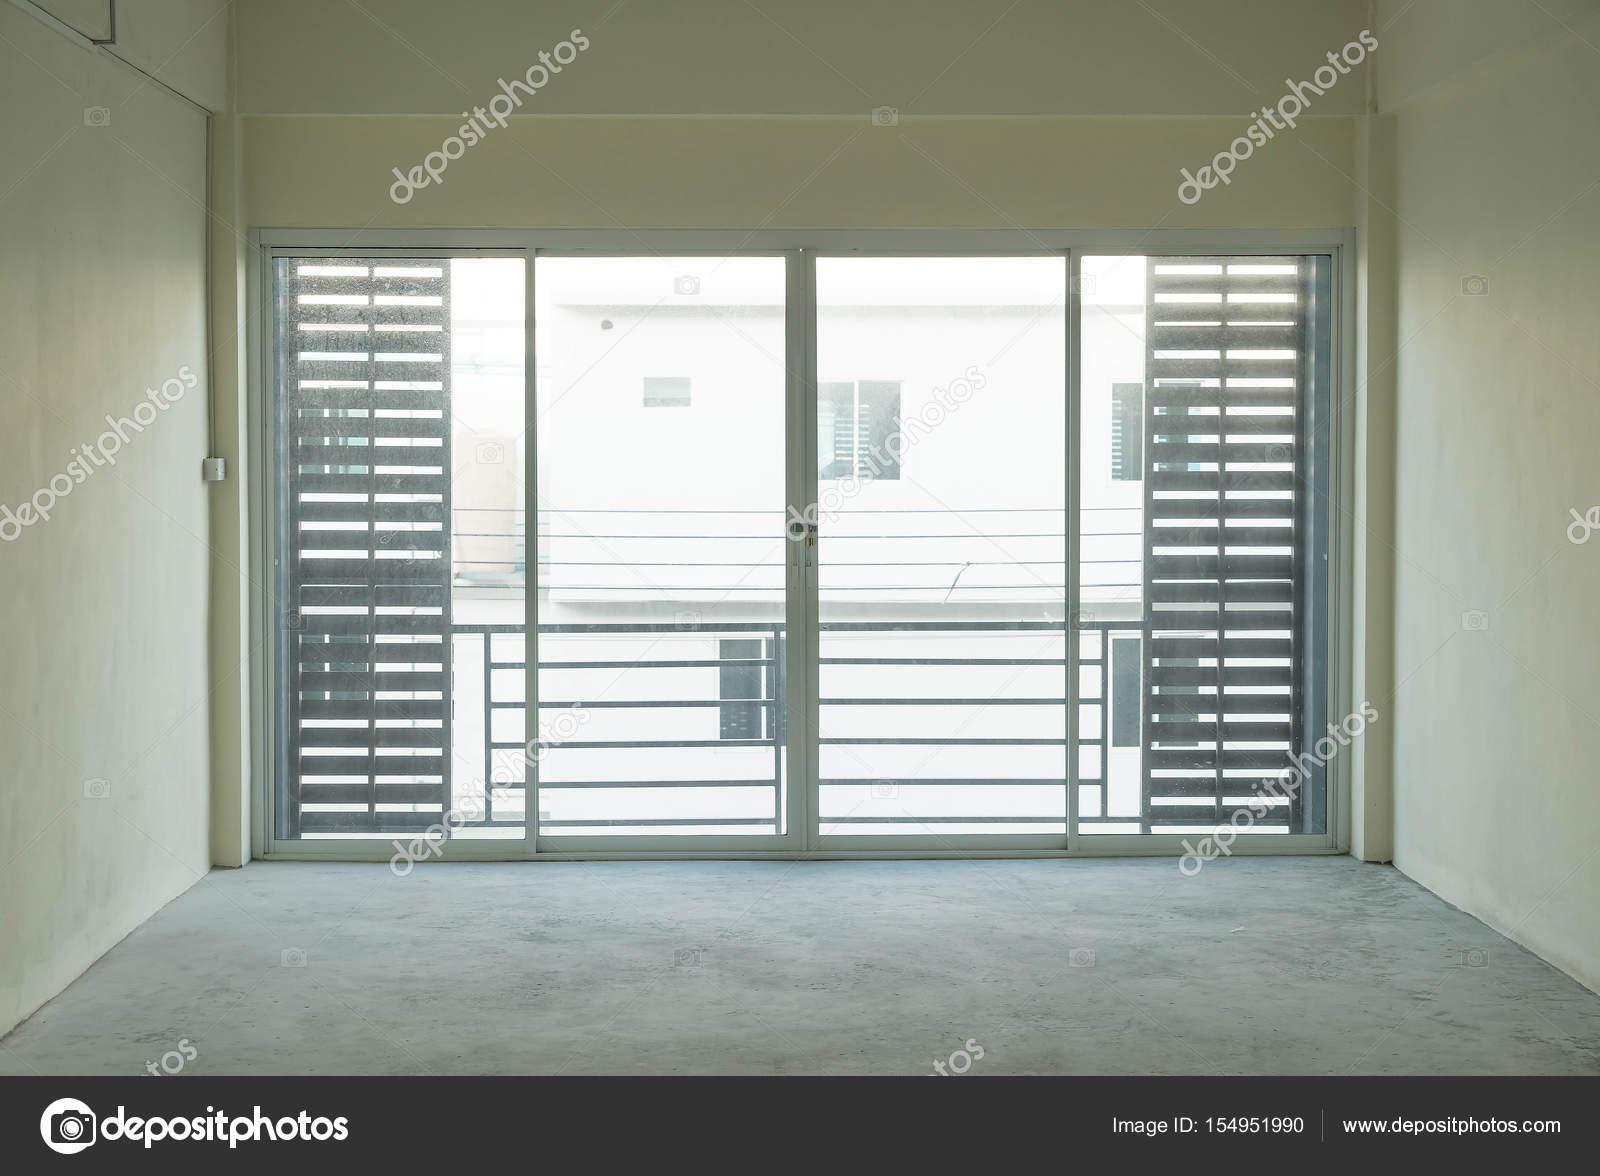 Leere Glastür Im Wohnzimmer Stockfoto Topntp - Wohnzimmer glastür